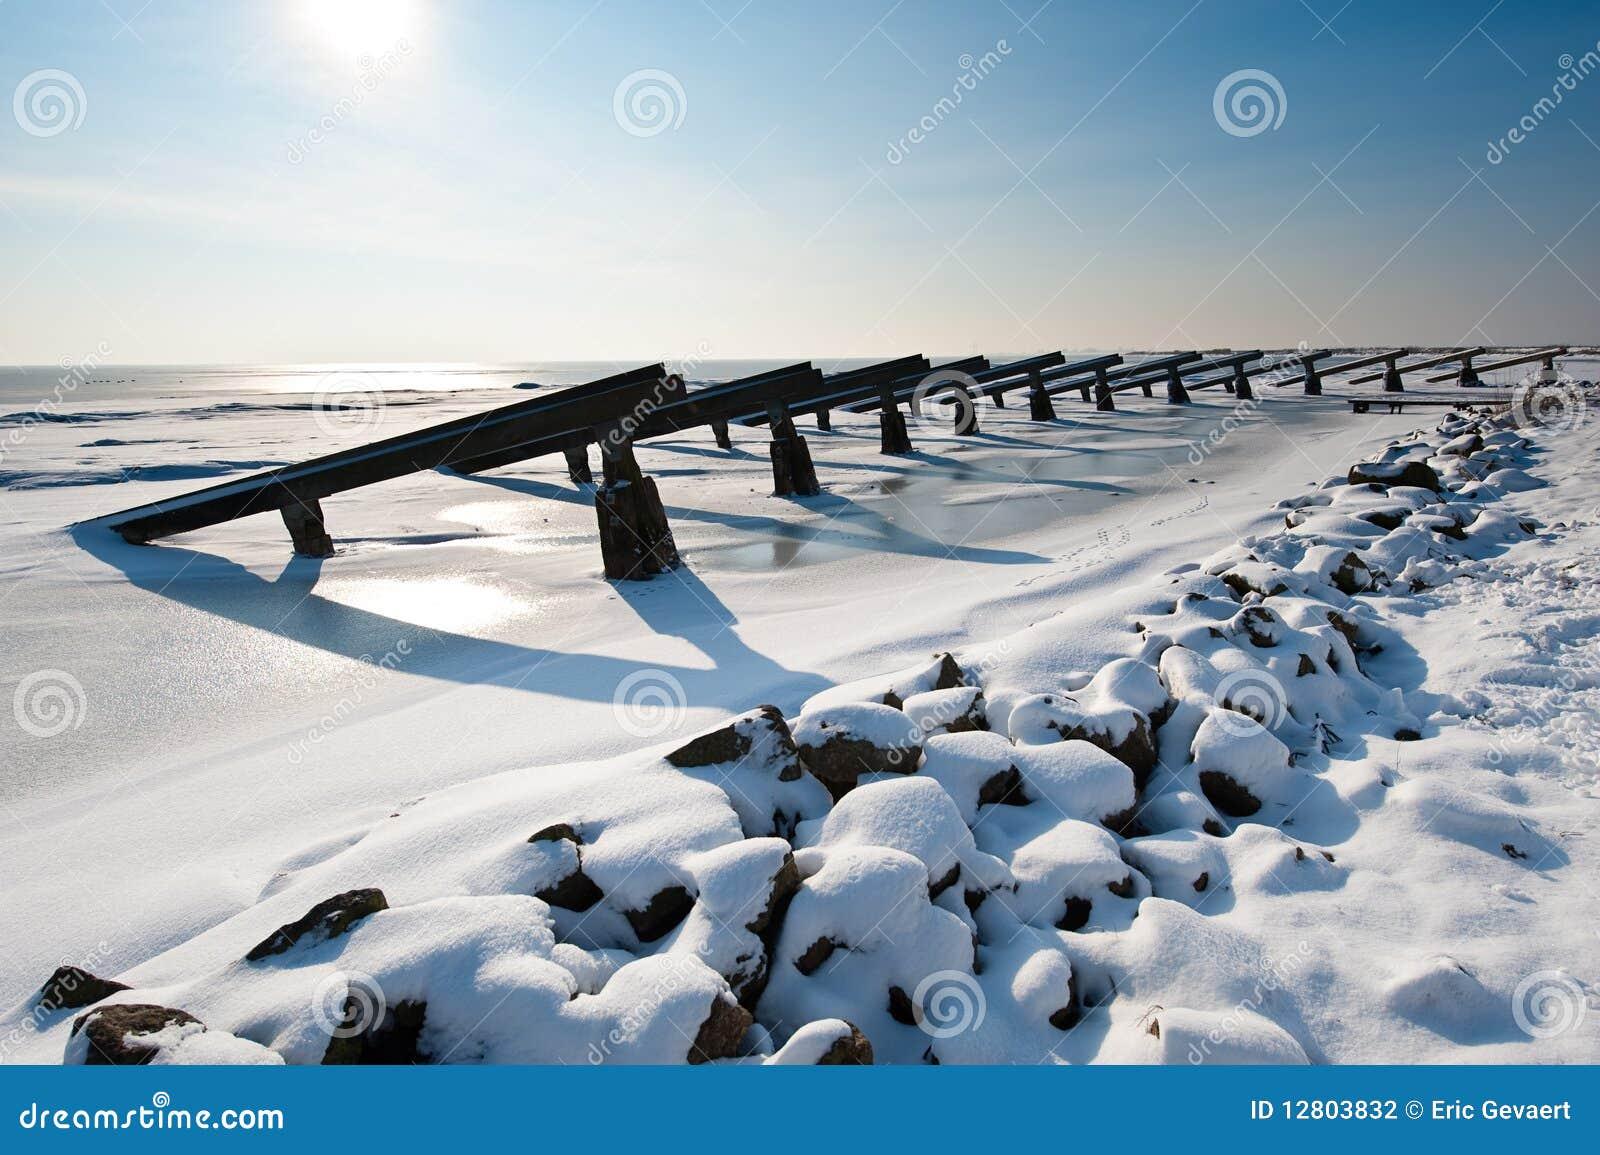 Rupteurs de glace en hiver